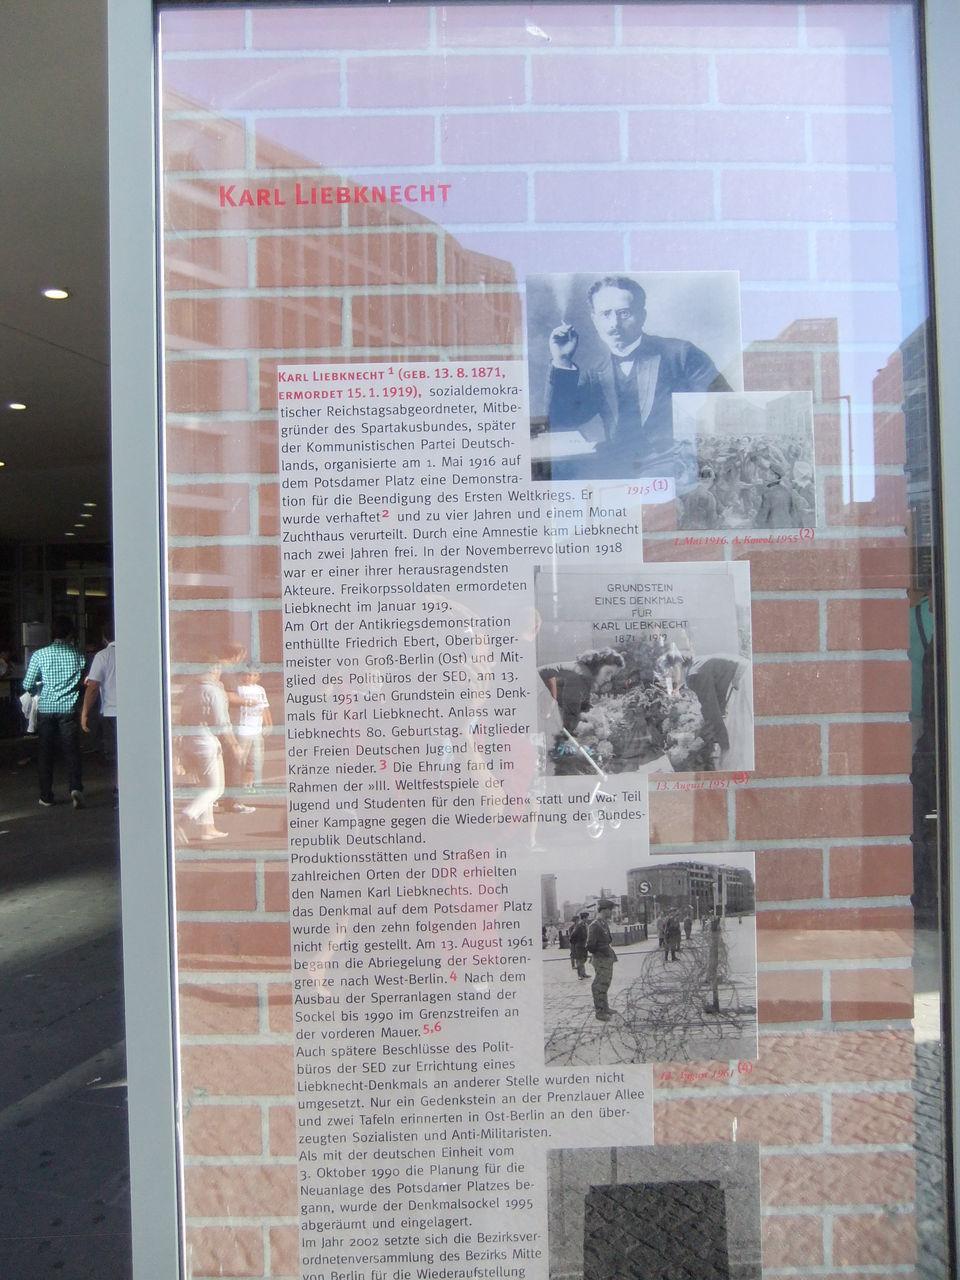 世界史の旅 -探訪記と歴史グッズ-   <探訪記>カール・リープクネヒト記念碑(ベルリン) コメント